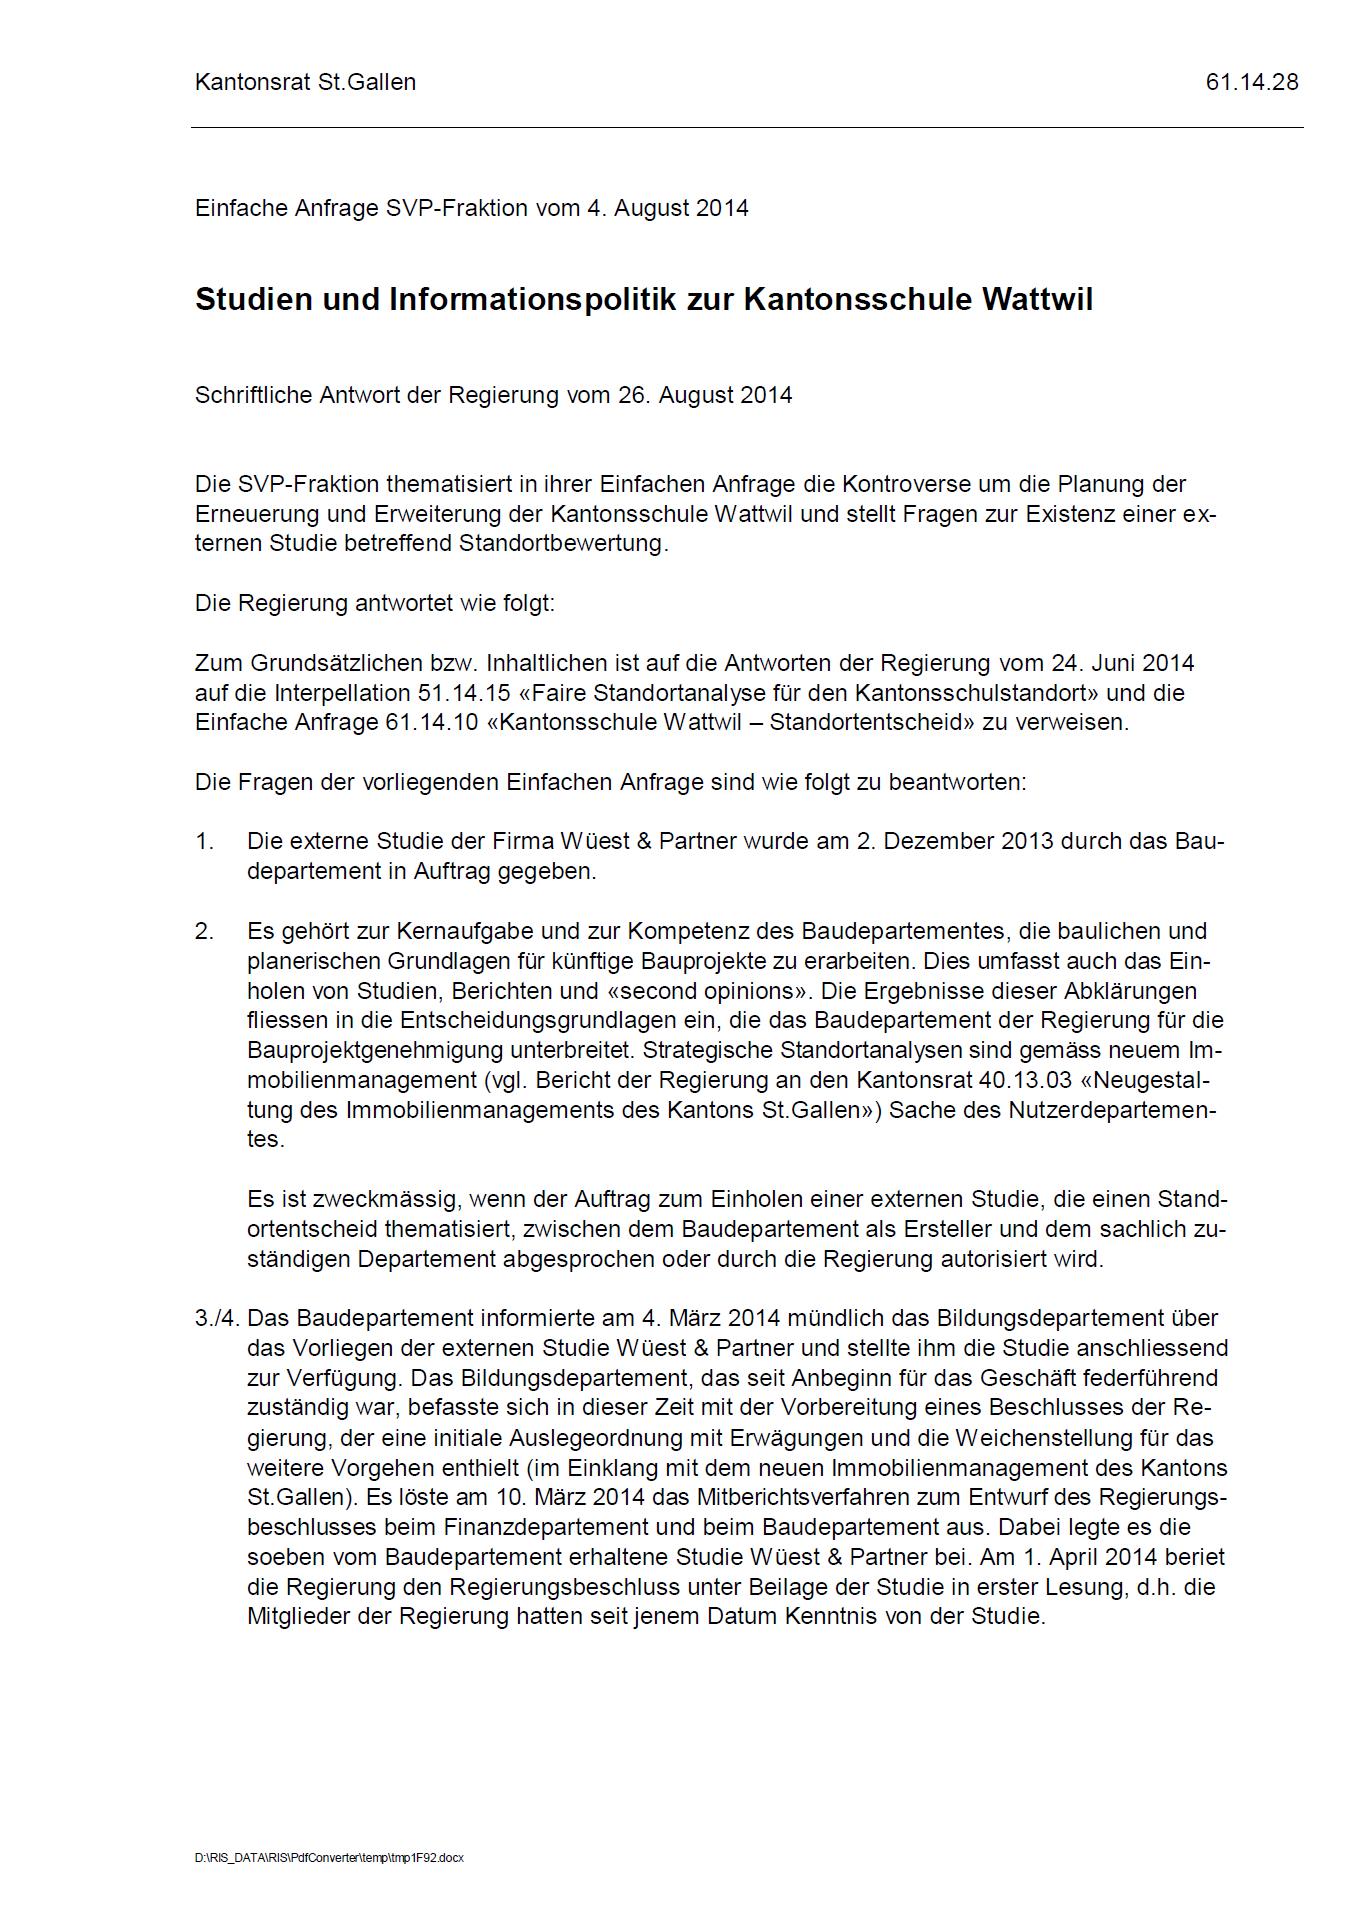 Antwort der Regierung: Studien und Informationspolitik zur Kantonsschule Wattwil (Donnerstag, 28.08.2014)